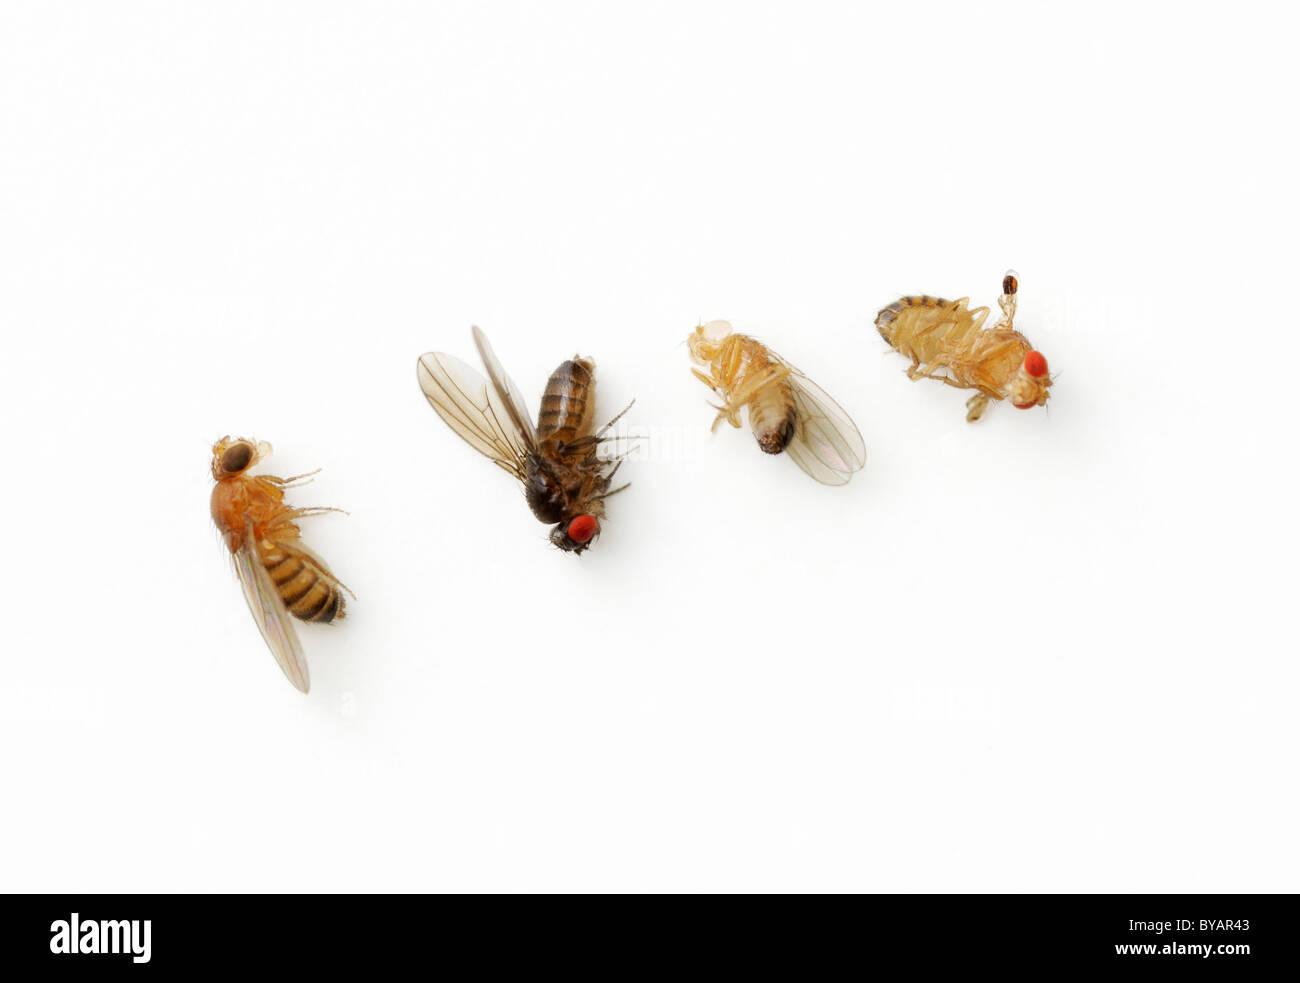 Drosophila Melanogaster Genetic Variations